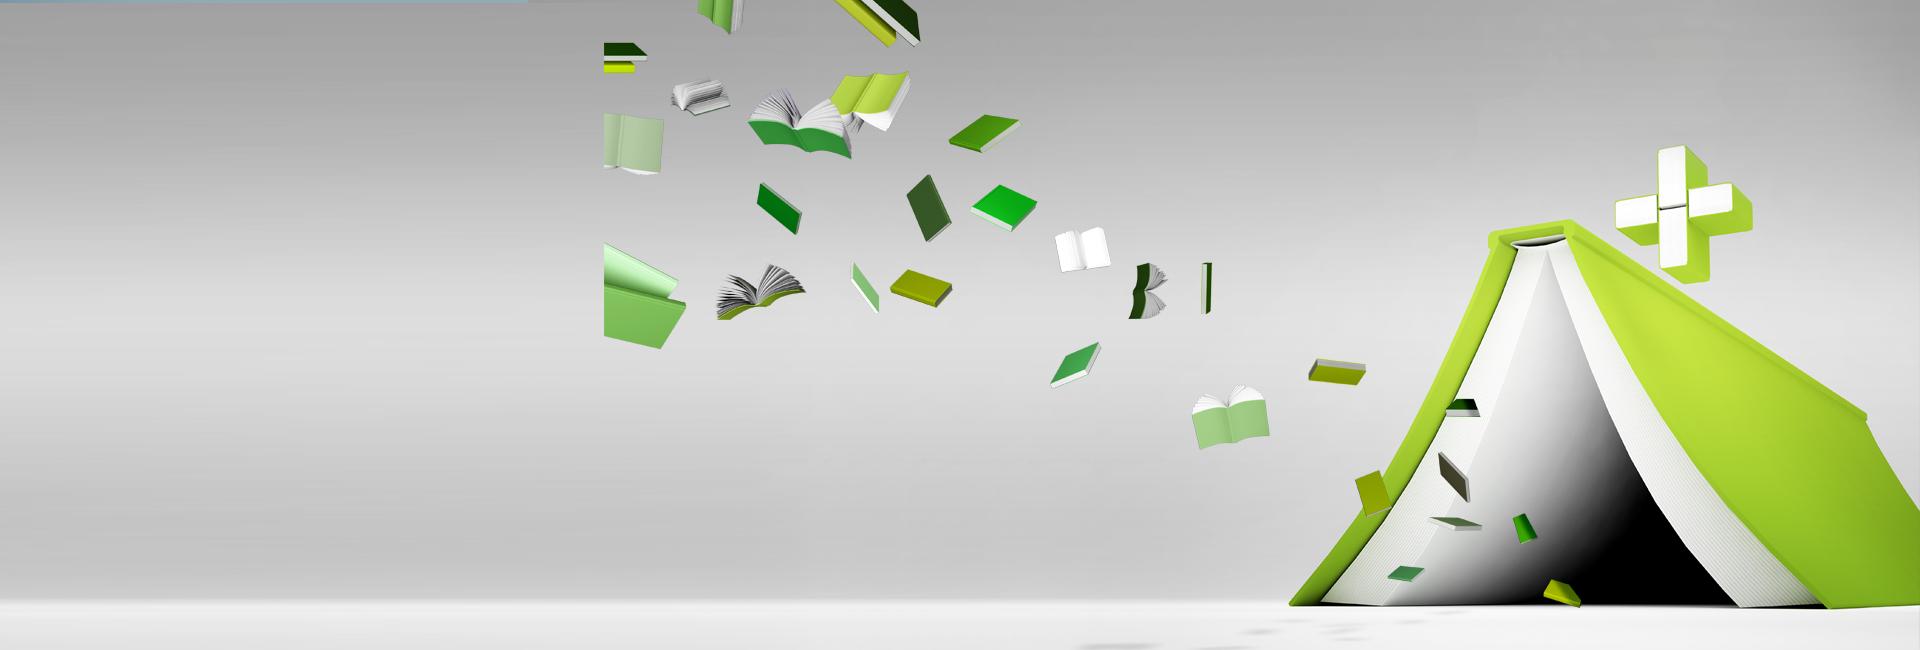 la conception graphique du papier peint forme site web